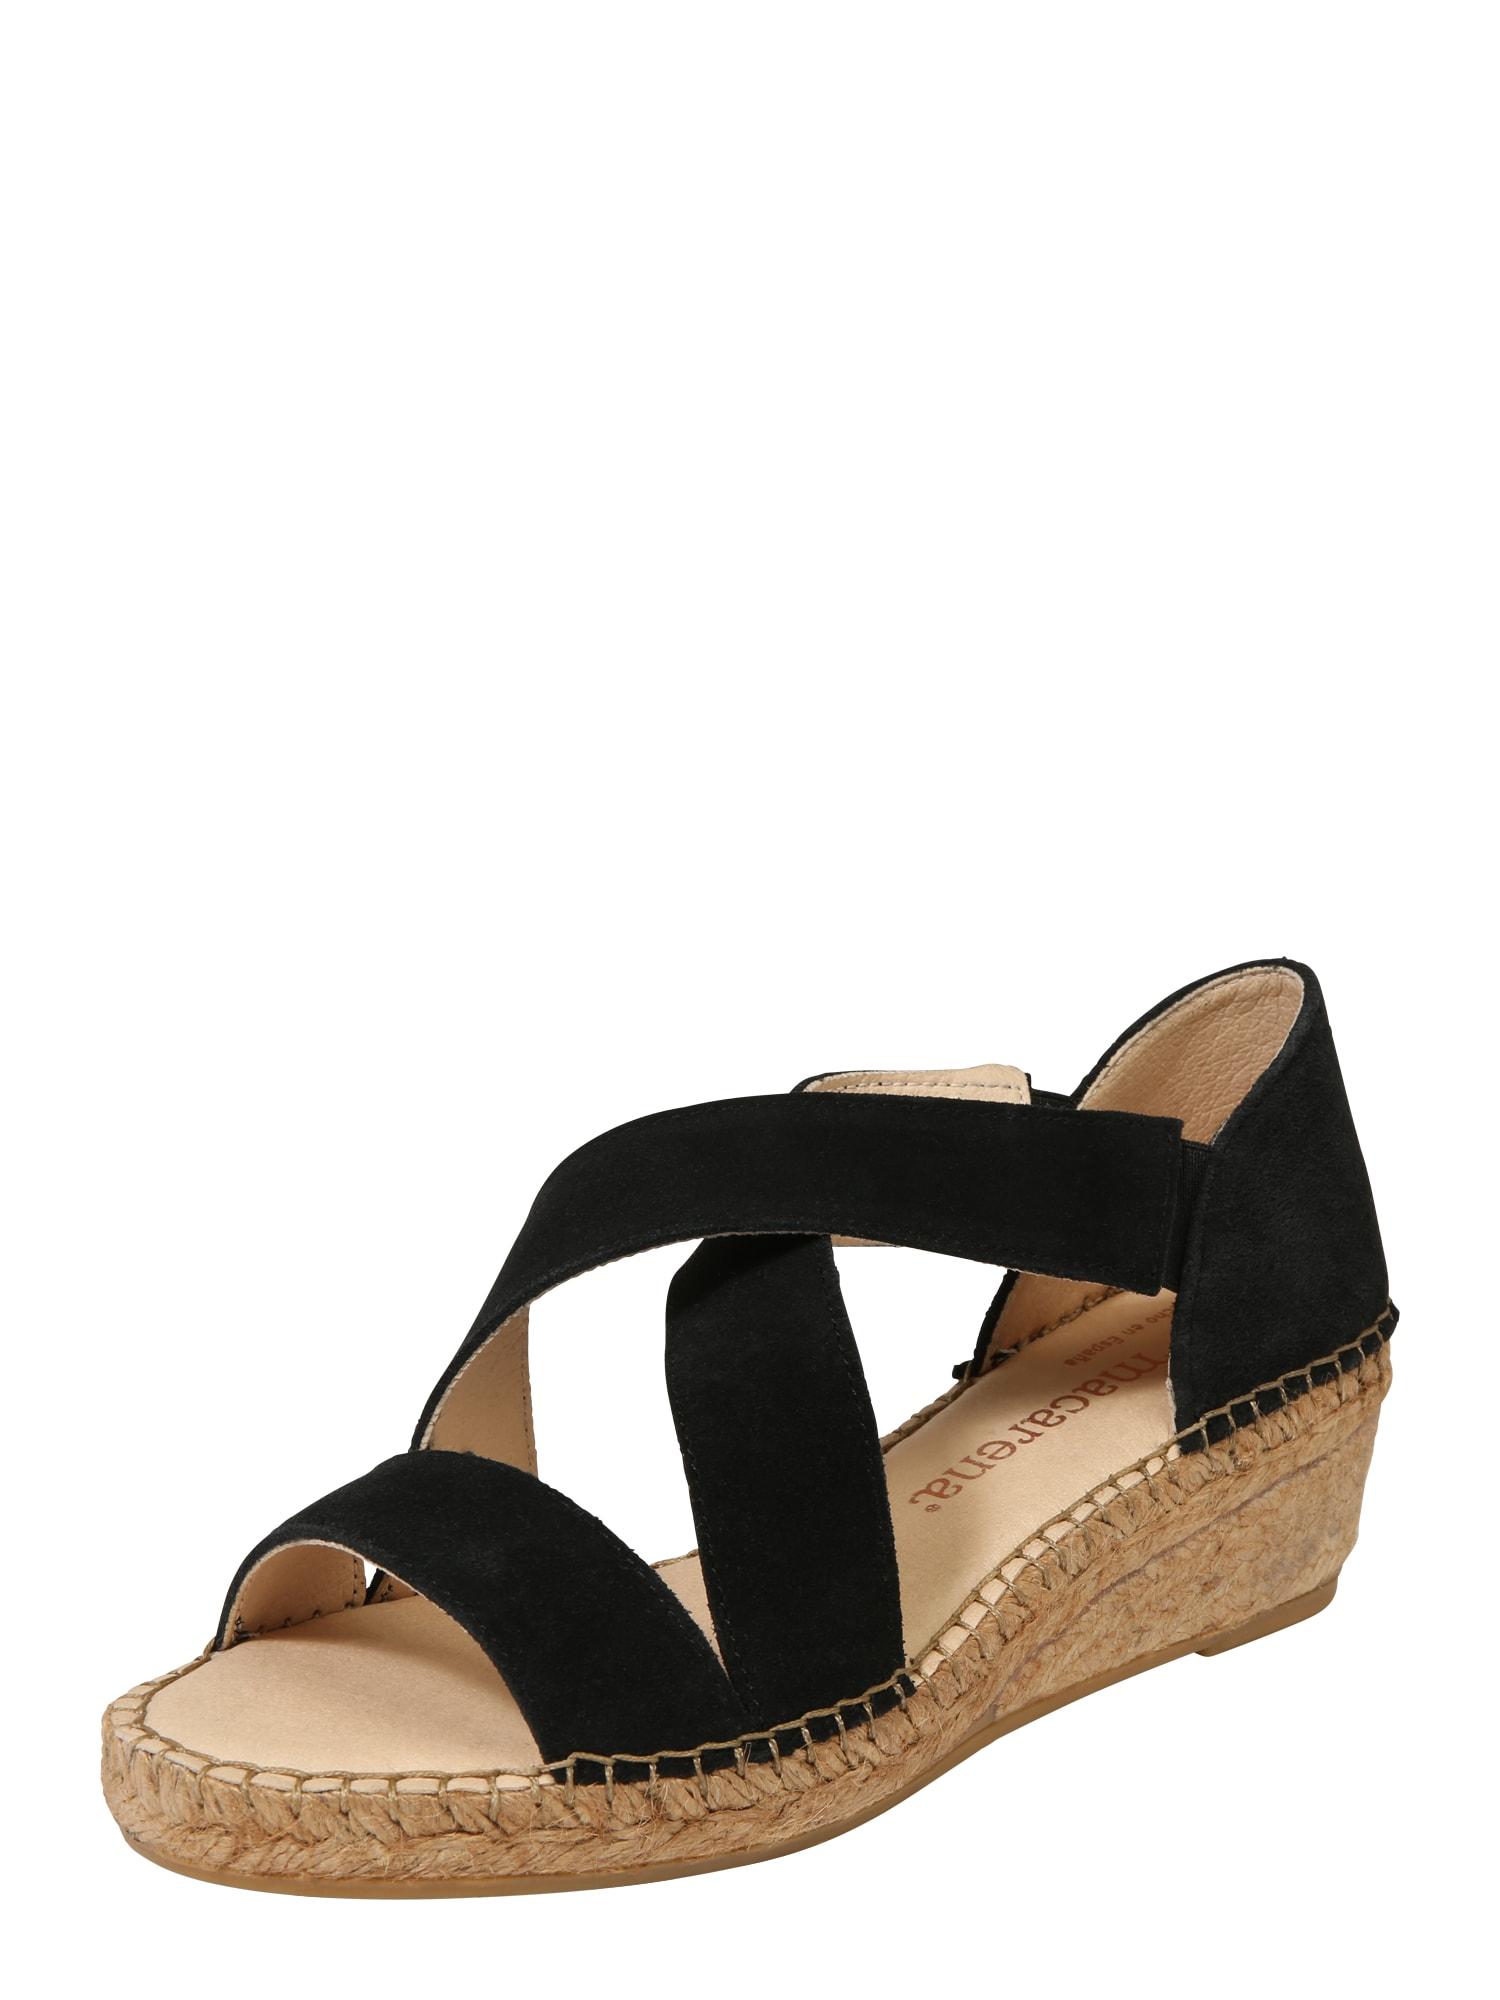 Páskové sandály LUNA 85 béžová černá MACARENA